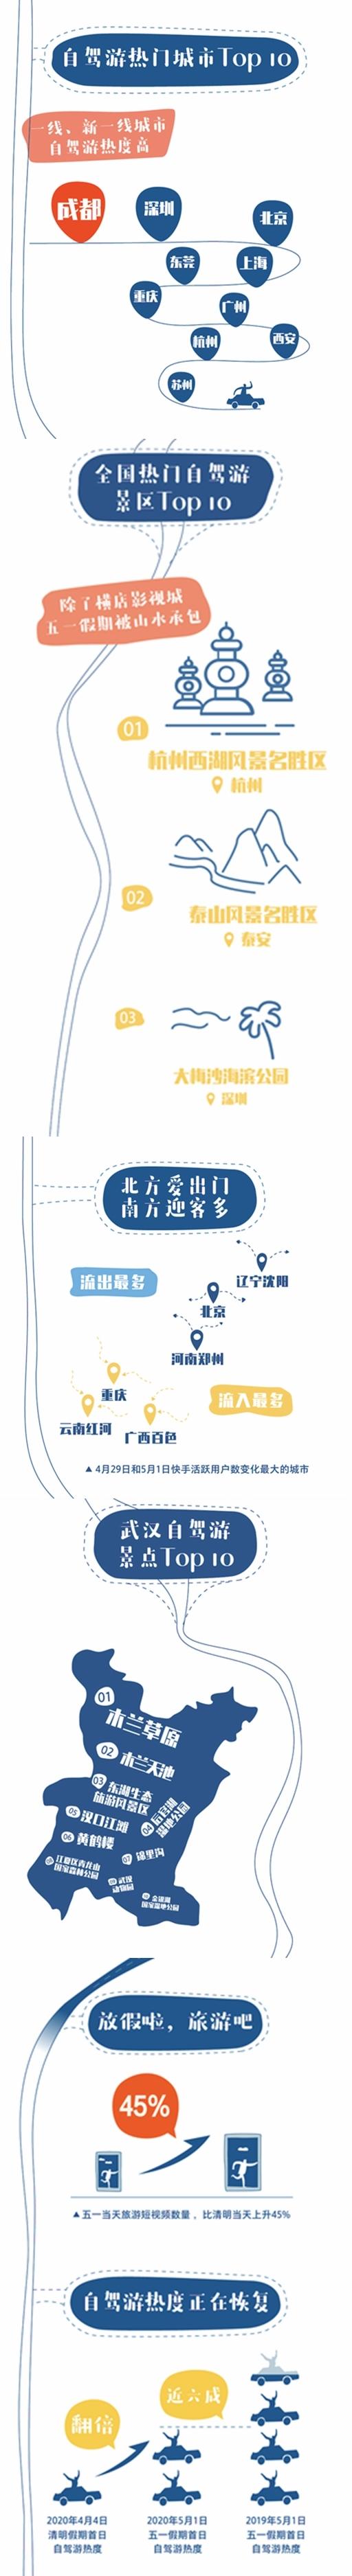 成都超深圳、北京、上海,排名自驾游热度首位城市